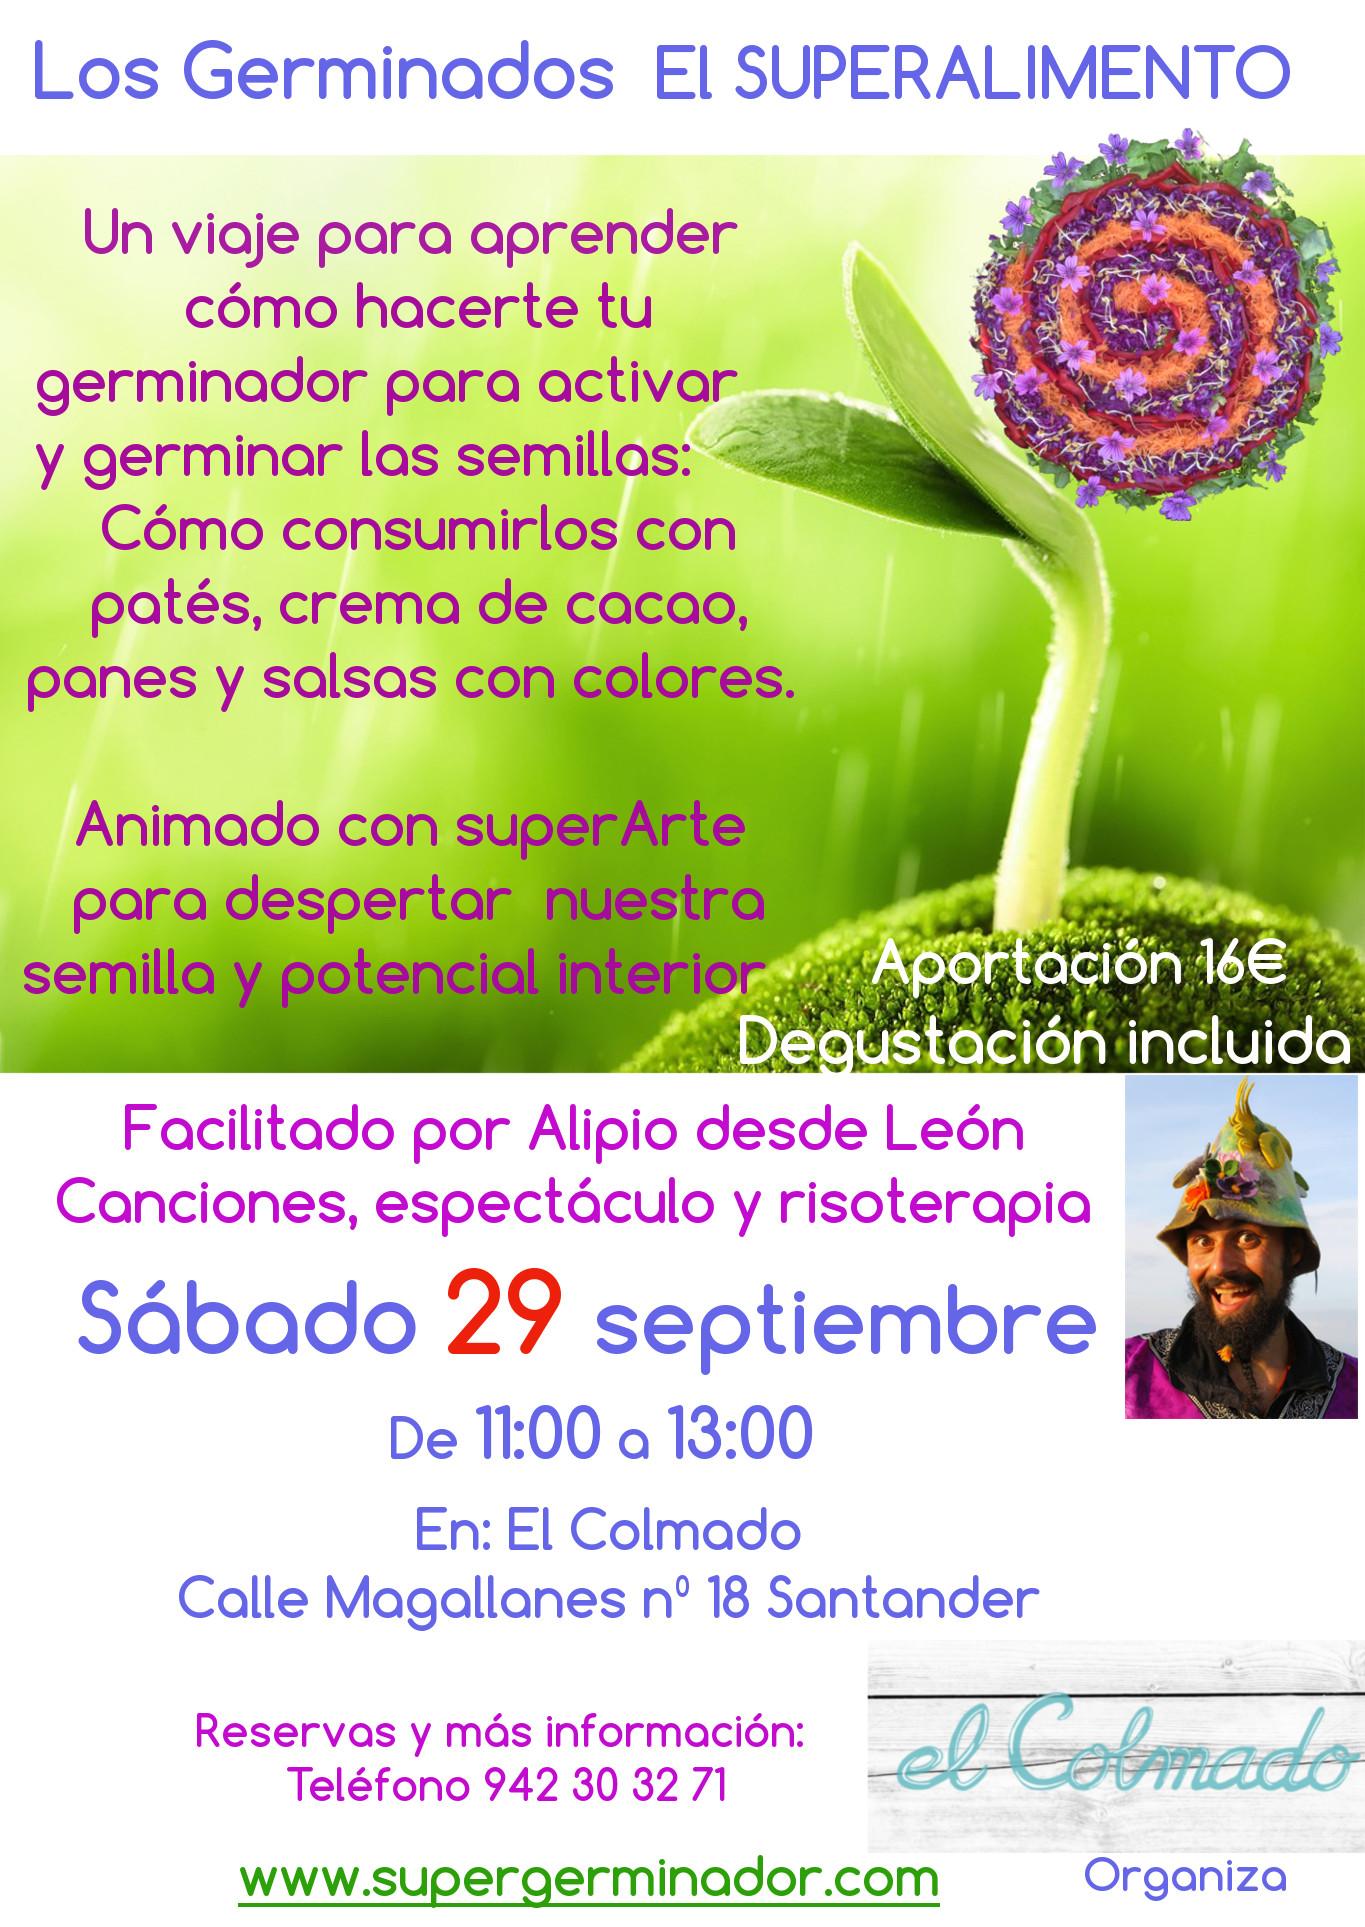 Los Germinados El superalimento en El Colmado Santander 29 de Septiembre y 3 de Octubre